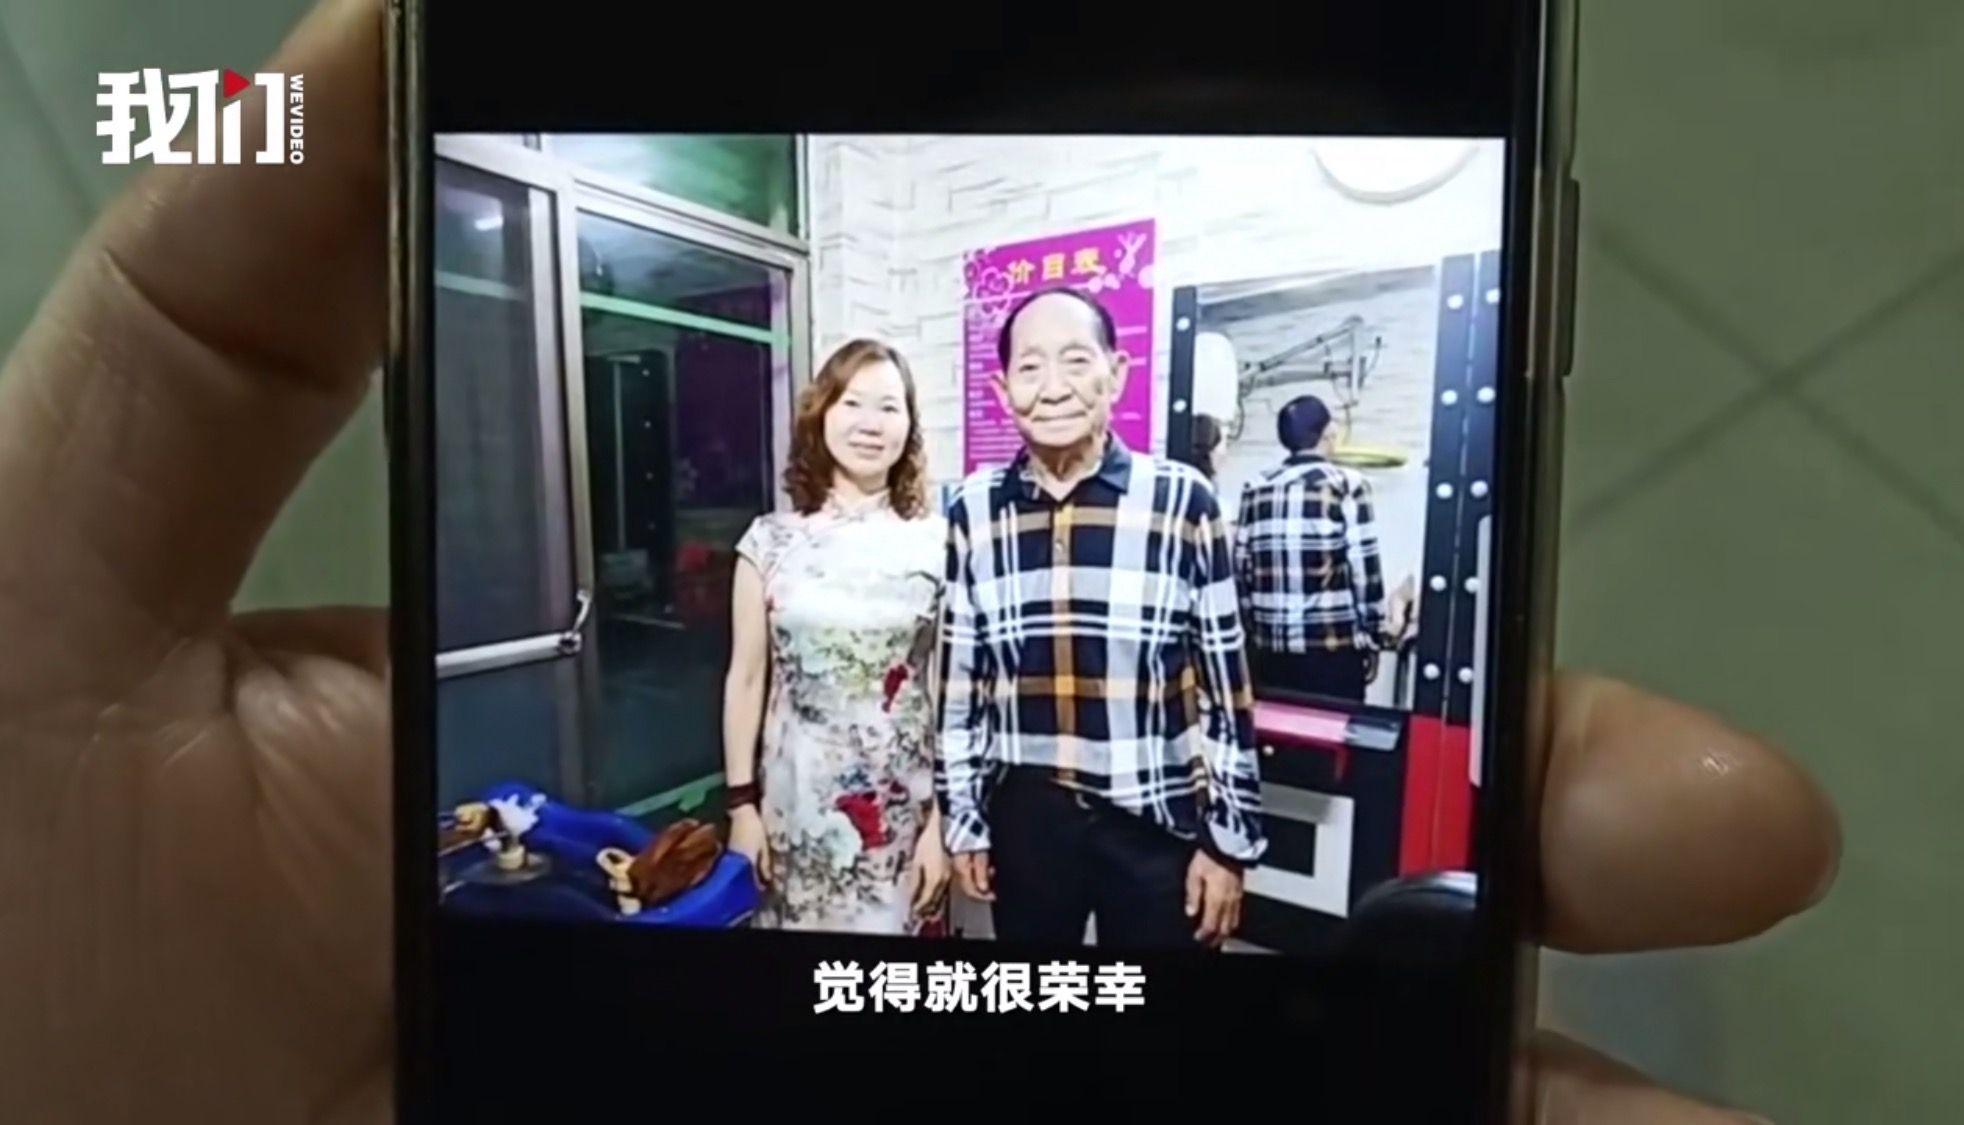 曹小萍与袁隆平合照。 新京报我们视频截图